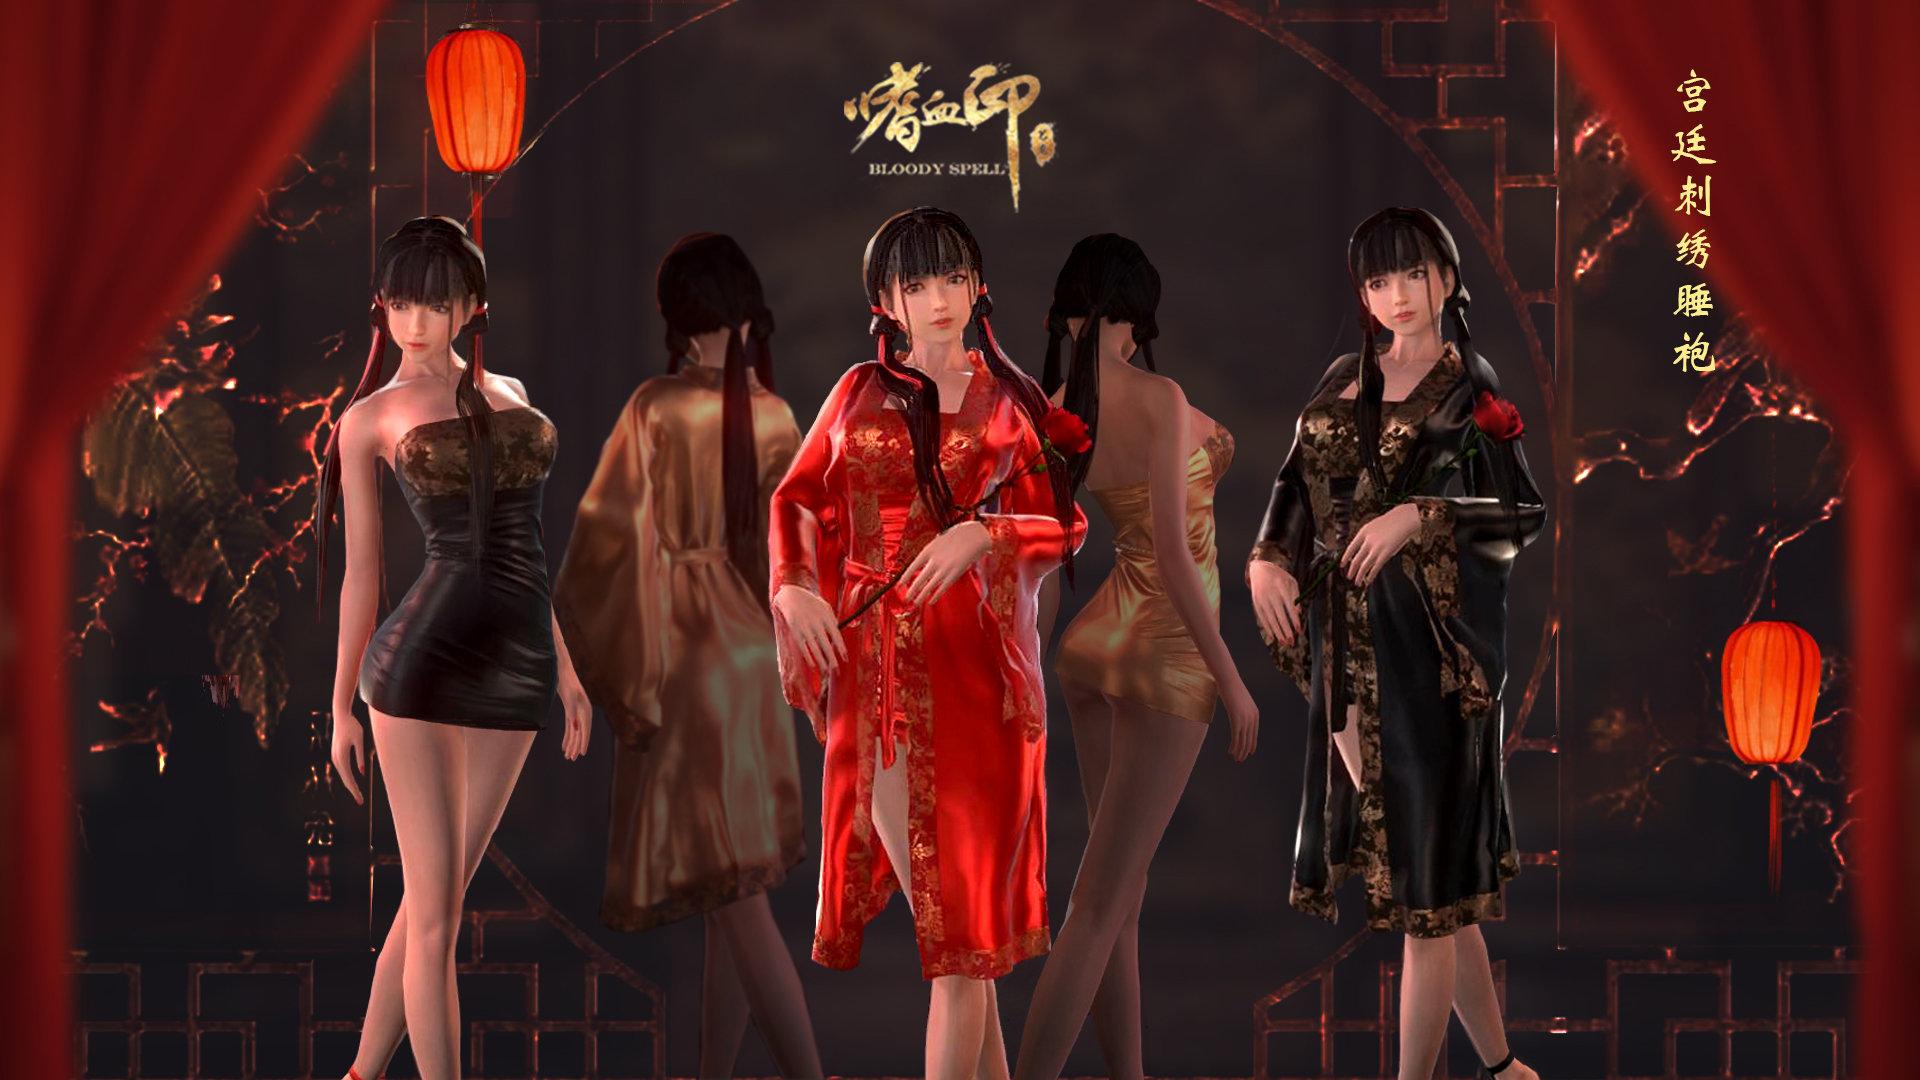 国产游戏《嗜血印》新版本更新 宫廷睡袍DLC上线